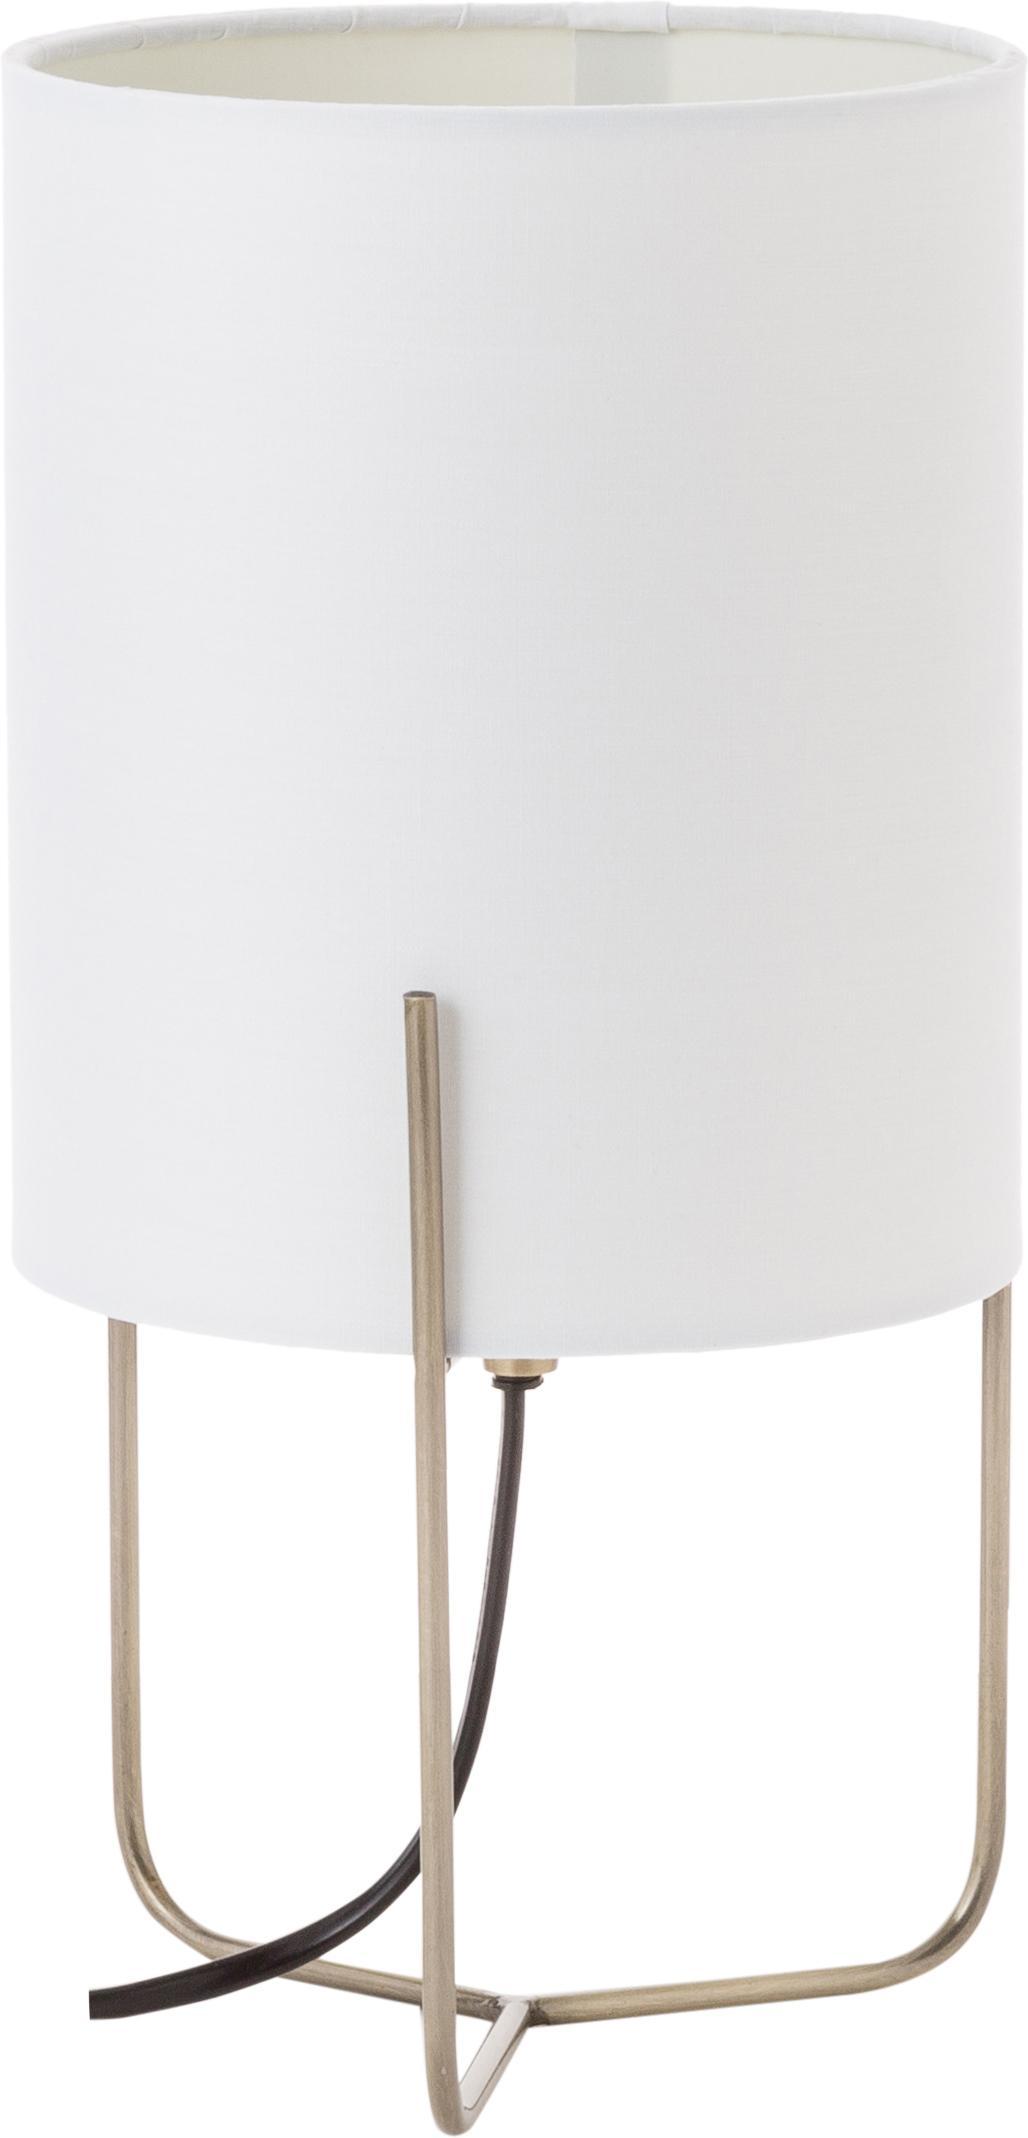 Mała lampa stołowa Odin, Biały, odcienie złotego, Ø 15 x W 30 cm